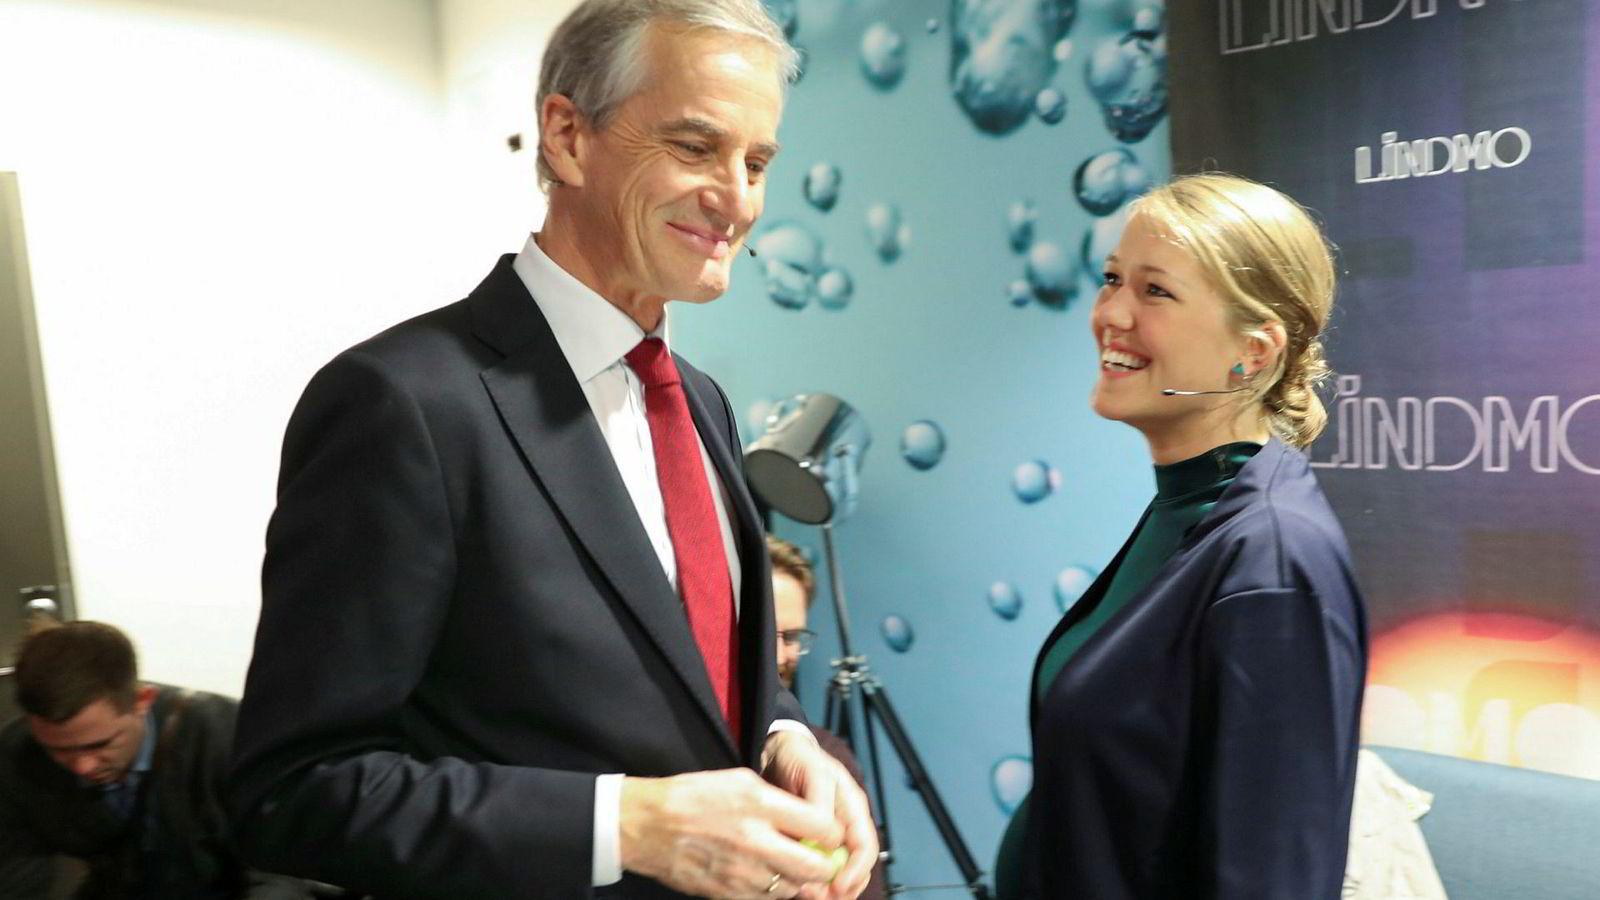 Ap-leder Jonas Gahr Støre og talsperson Une Aina Bastholm i MDG avbildet i forbindelse med en partilederdebatt før valget. Et flertall av Ap-velgere og MDG-velgere stiller seg positive til at partiene samarbeider i regjering etter neste valg om to år.